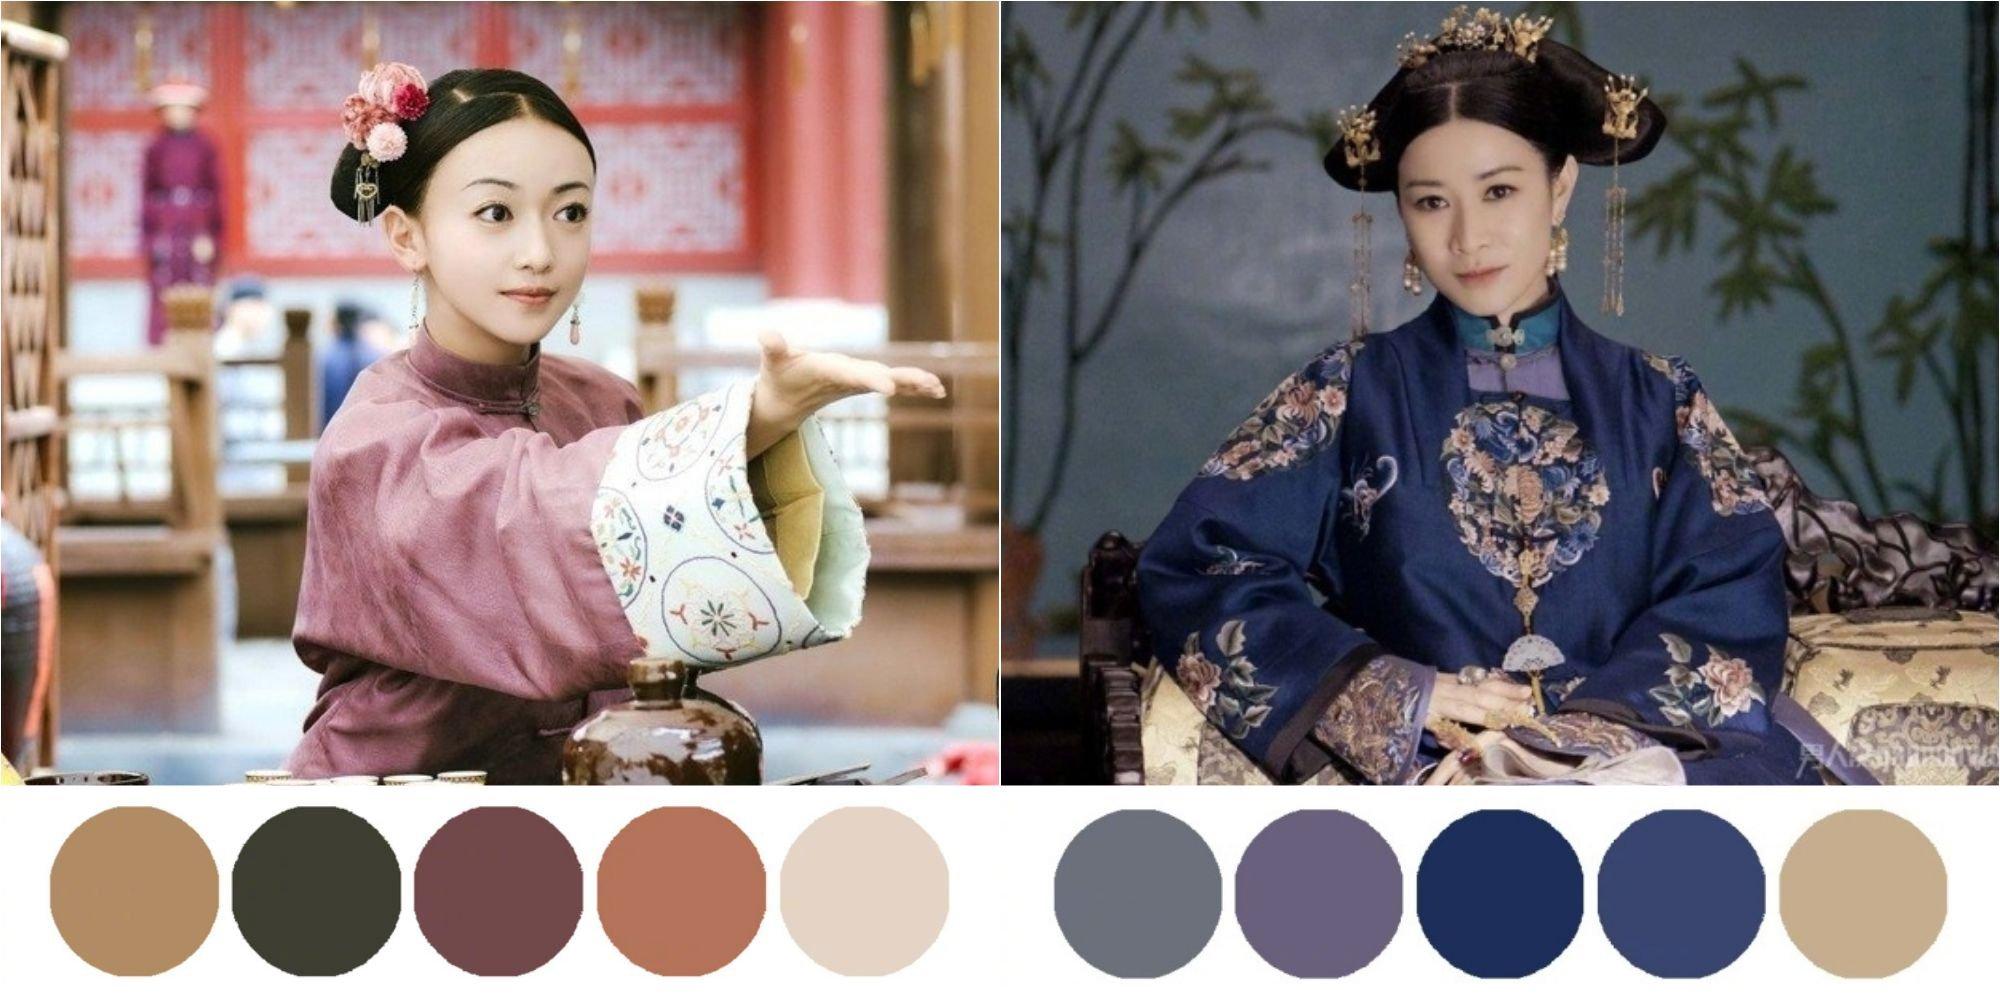 img 5b84835736f8d.png?resize=648,365 - 《延禧攻略》根本不是莫蘭迪色!一窺「中國傳統國畫色」的神秘灰色調